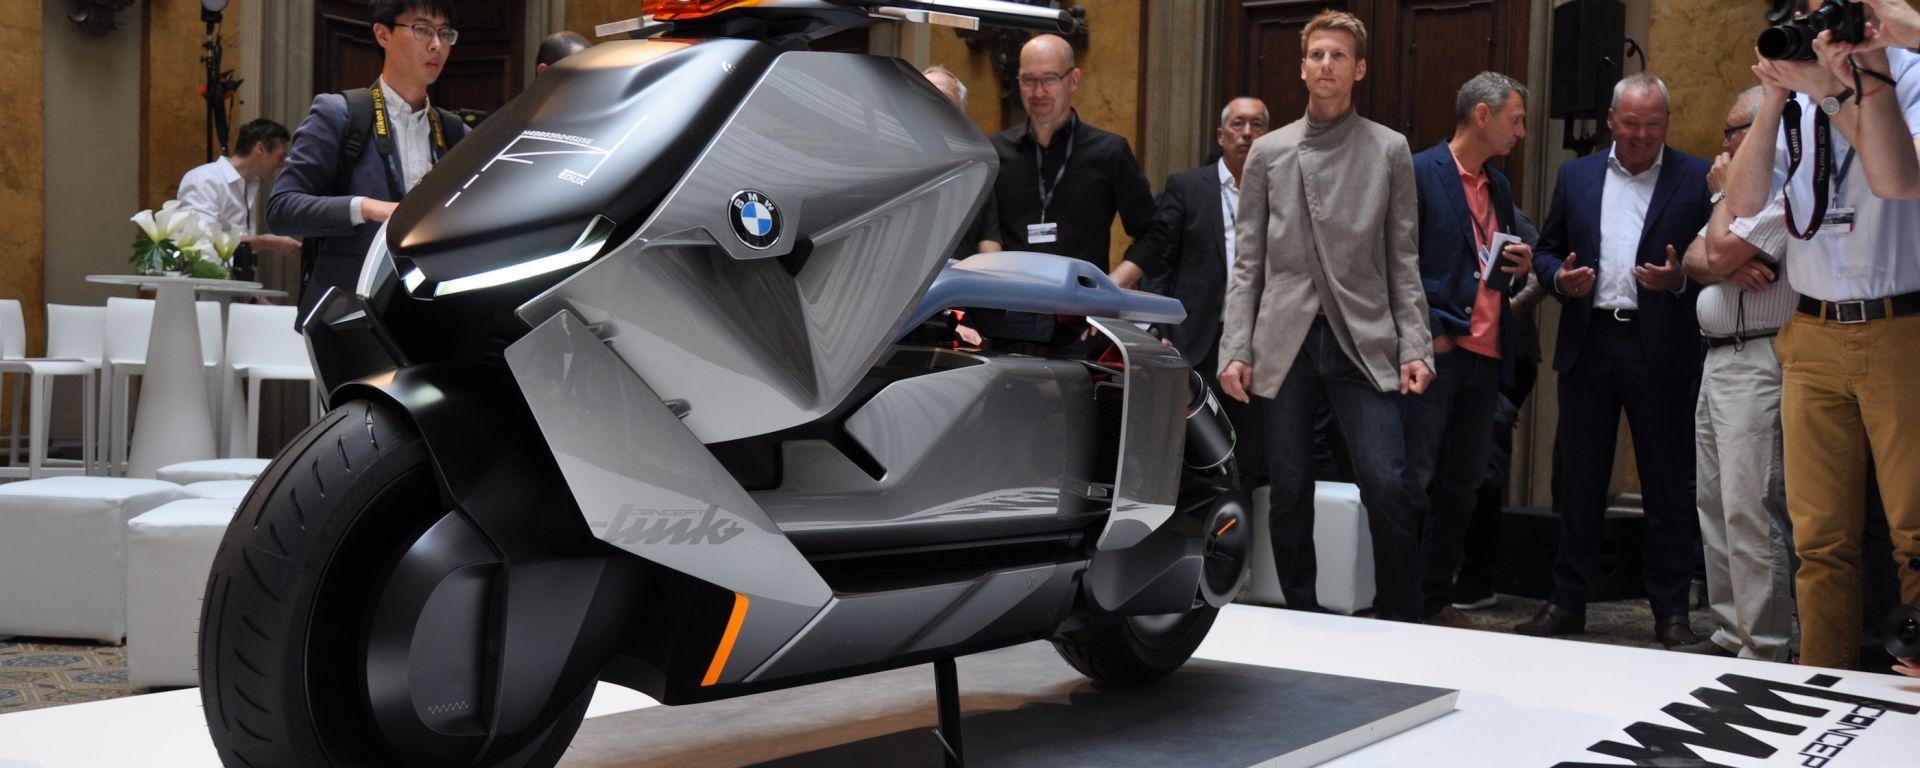 BMW Motorrad Concept Link, lo scooter elettrico del futuro secondo BMW